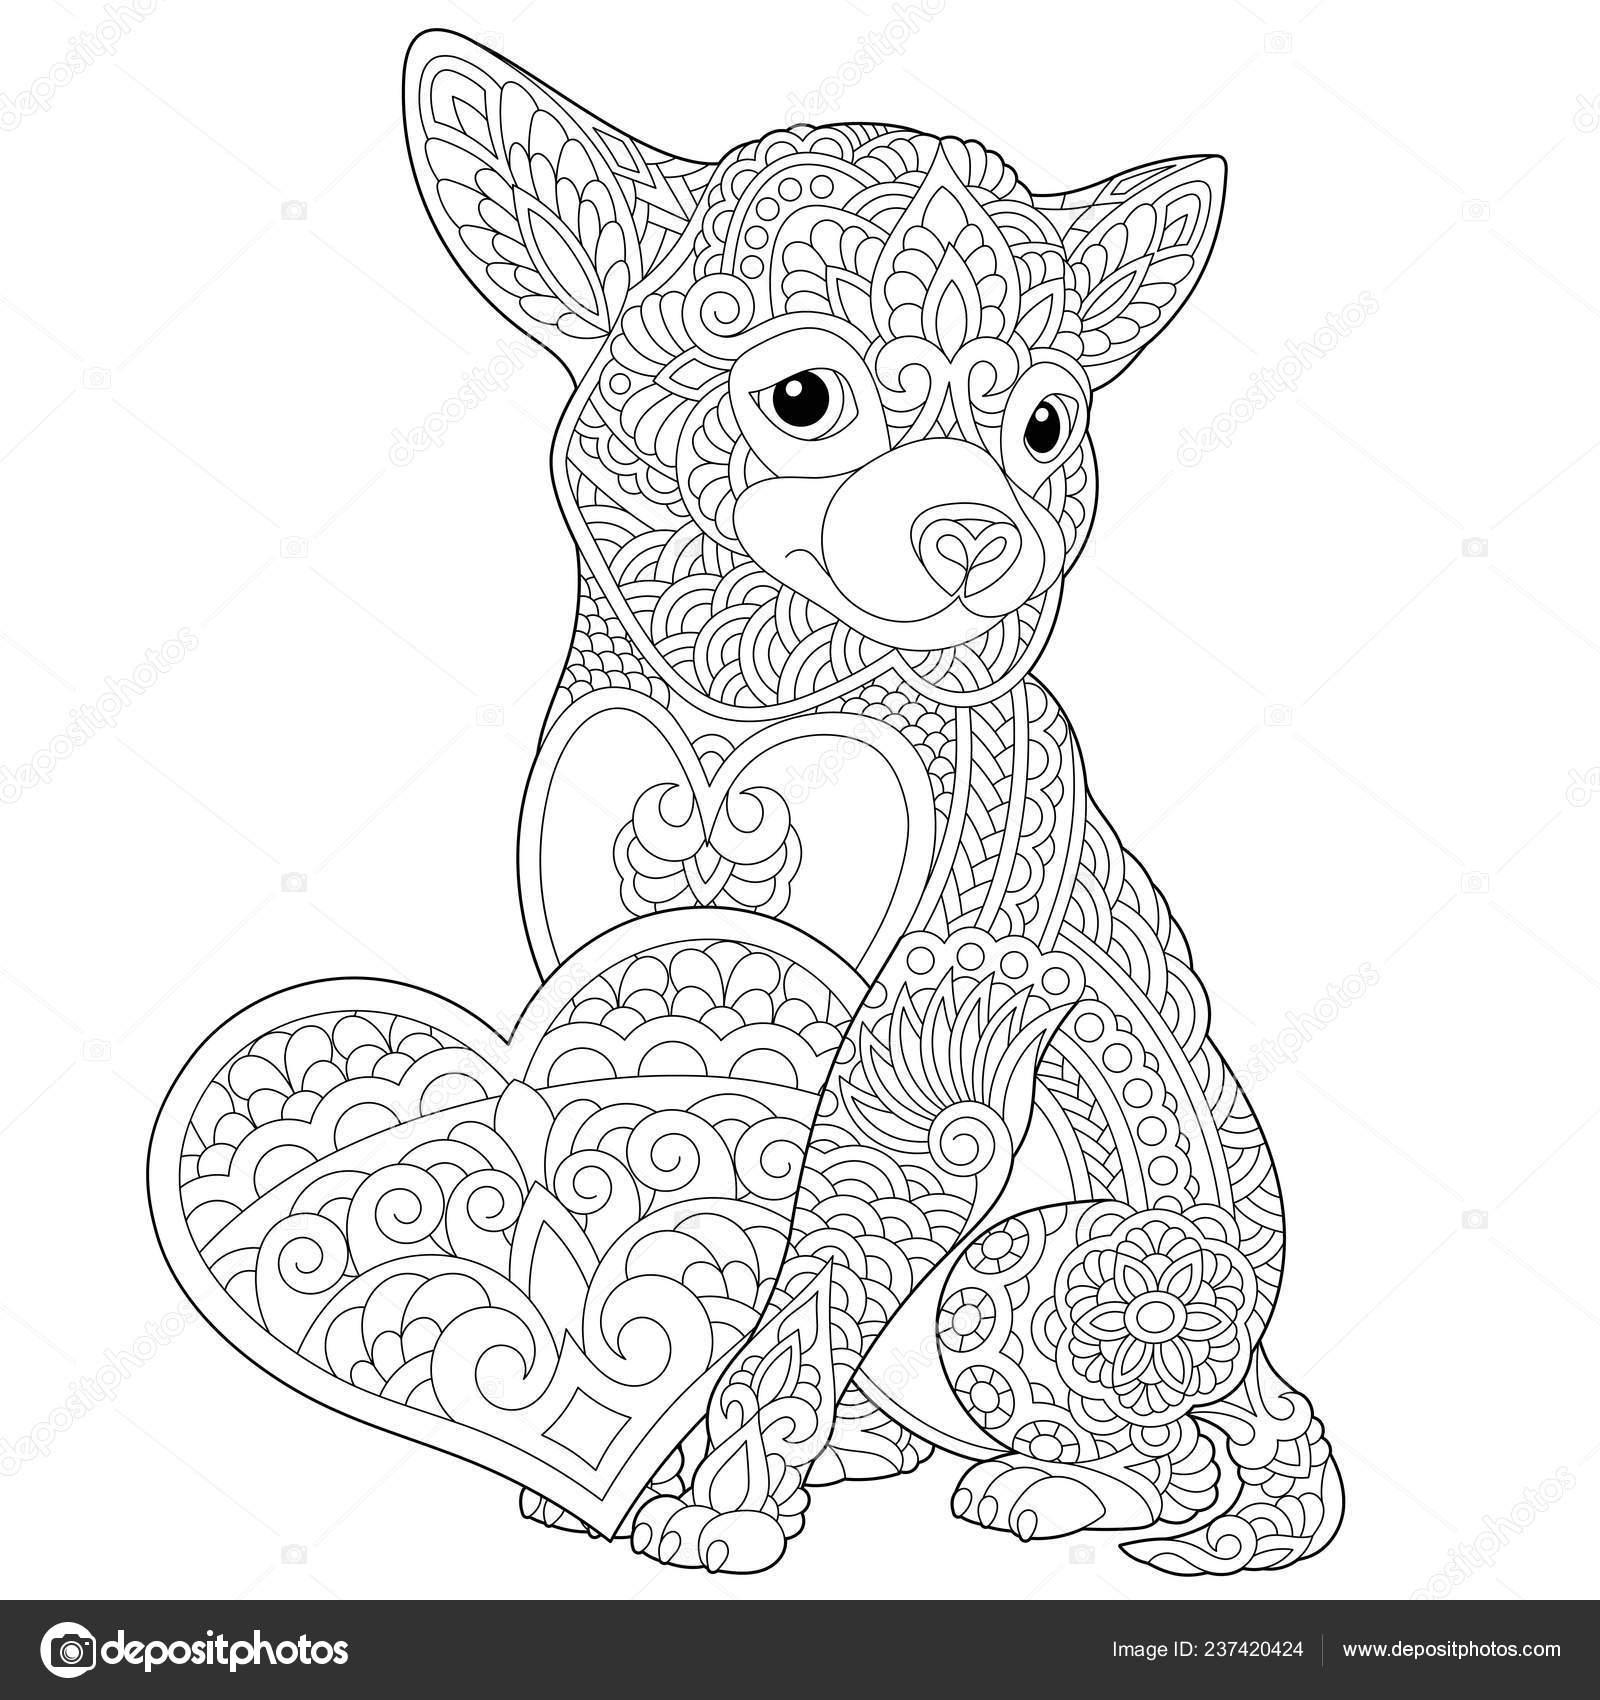 kleurplaat mooie hond met hart voor valentijnsdag kaart